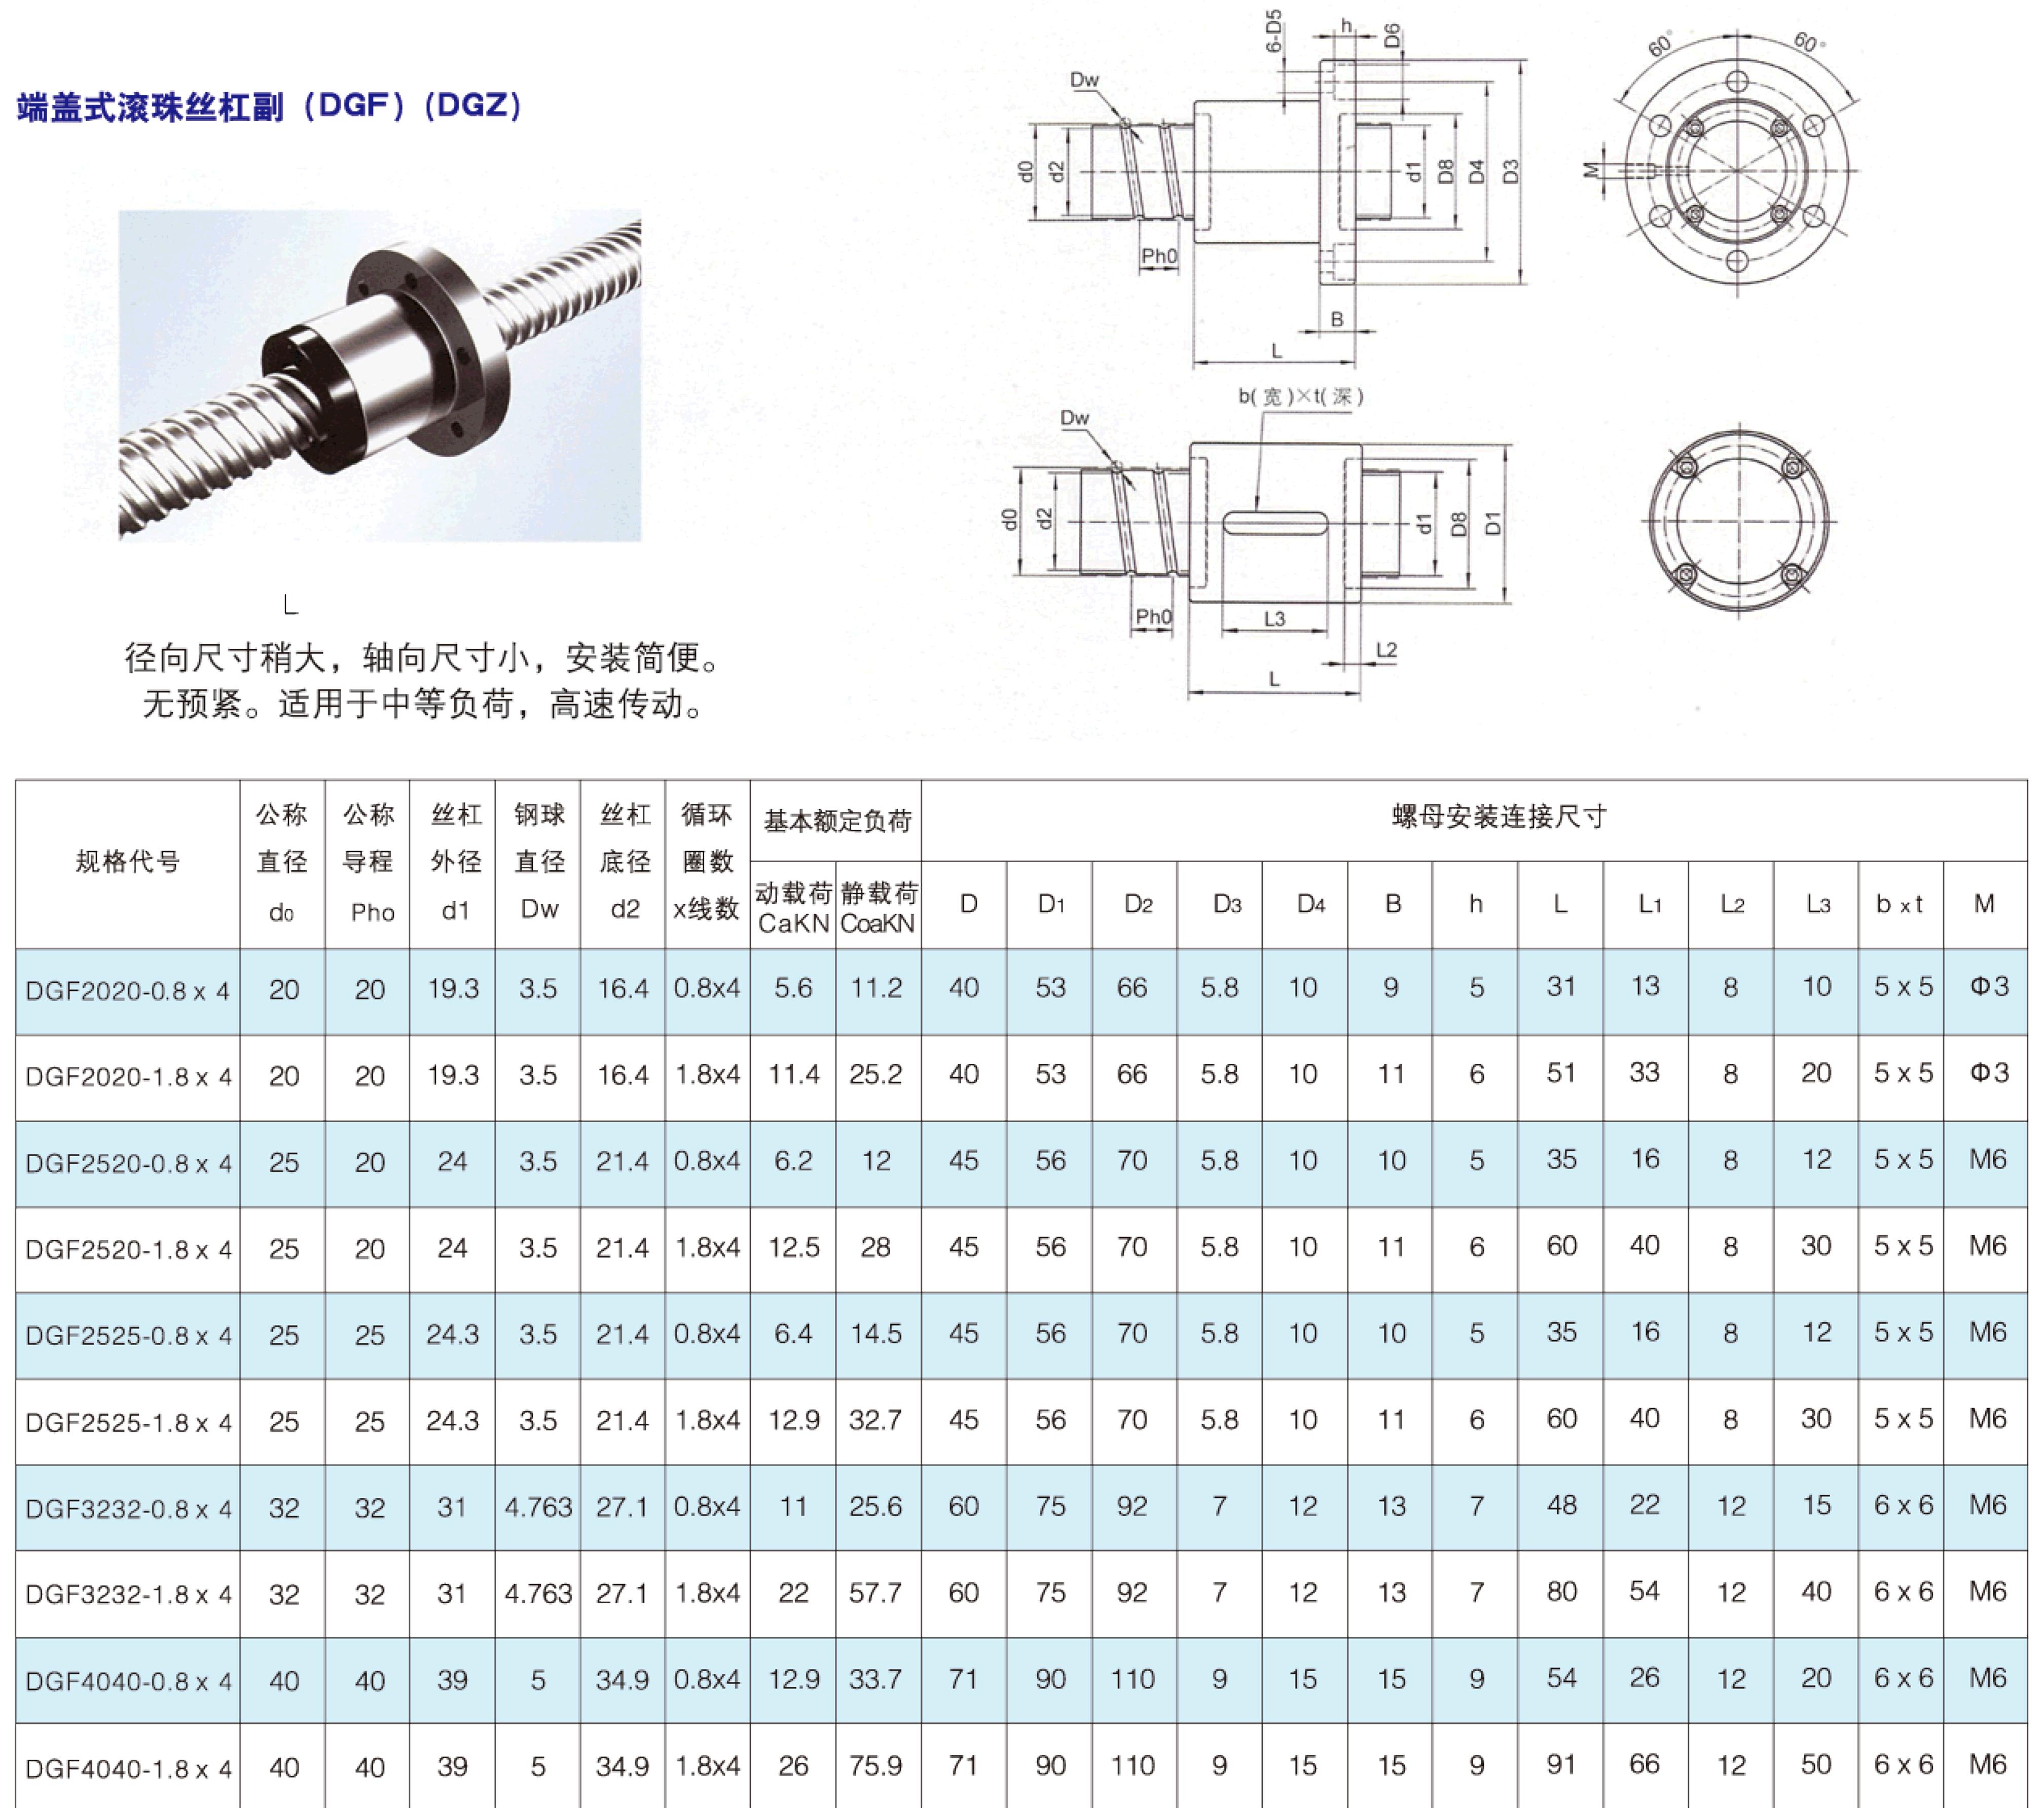 DGF內循環端蓋式滾珠絲杠